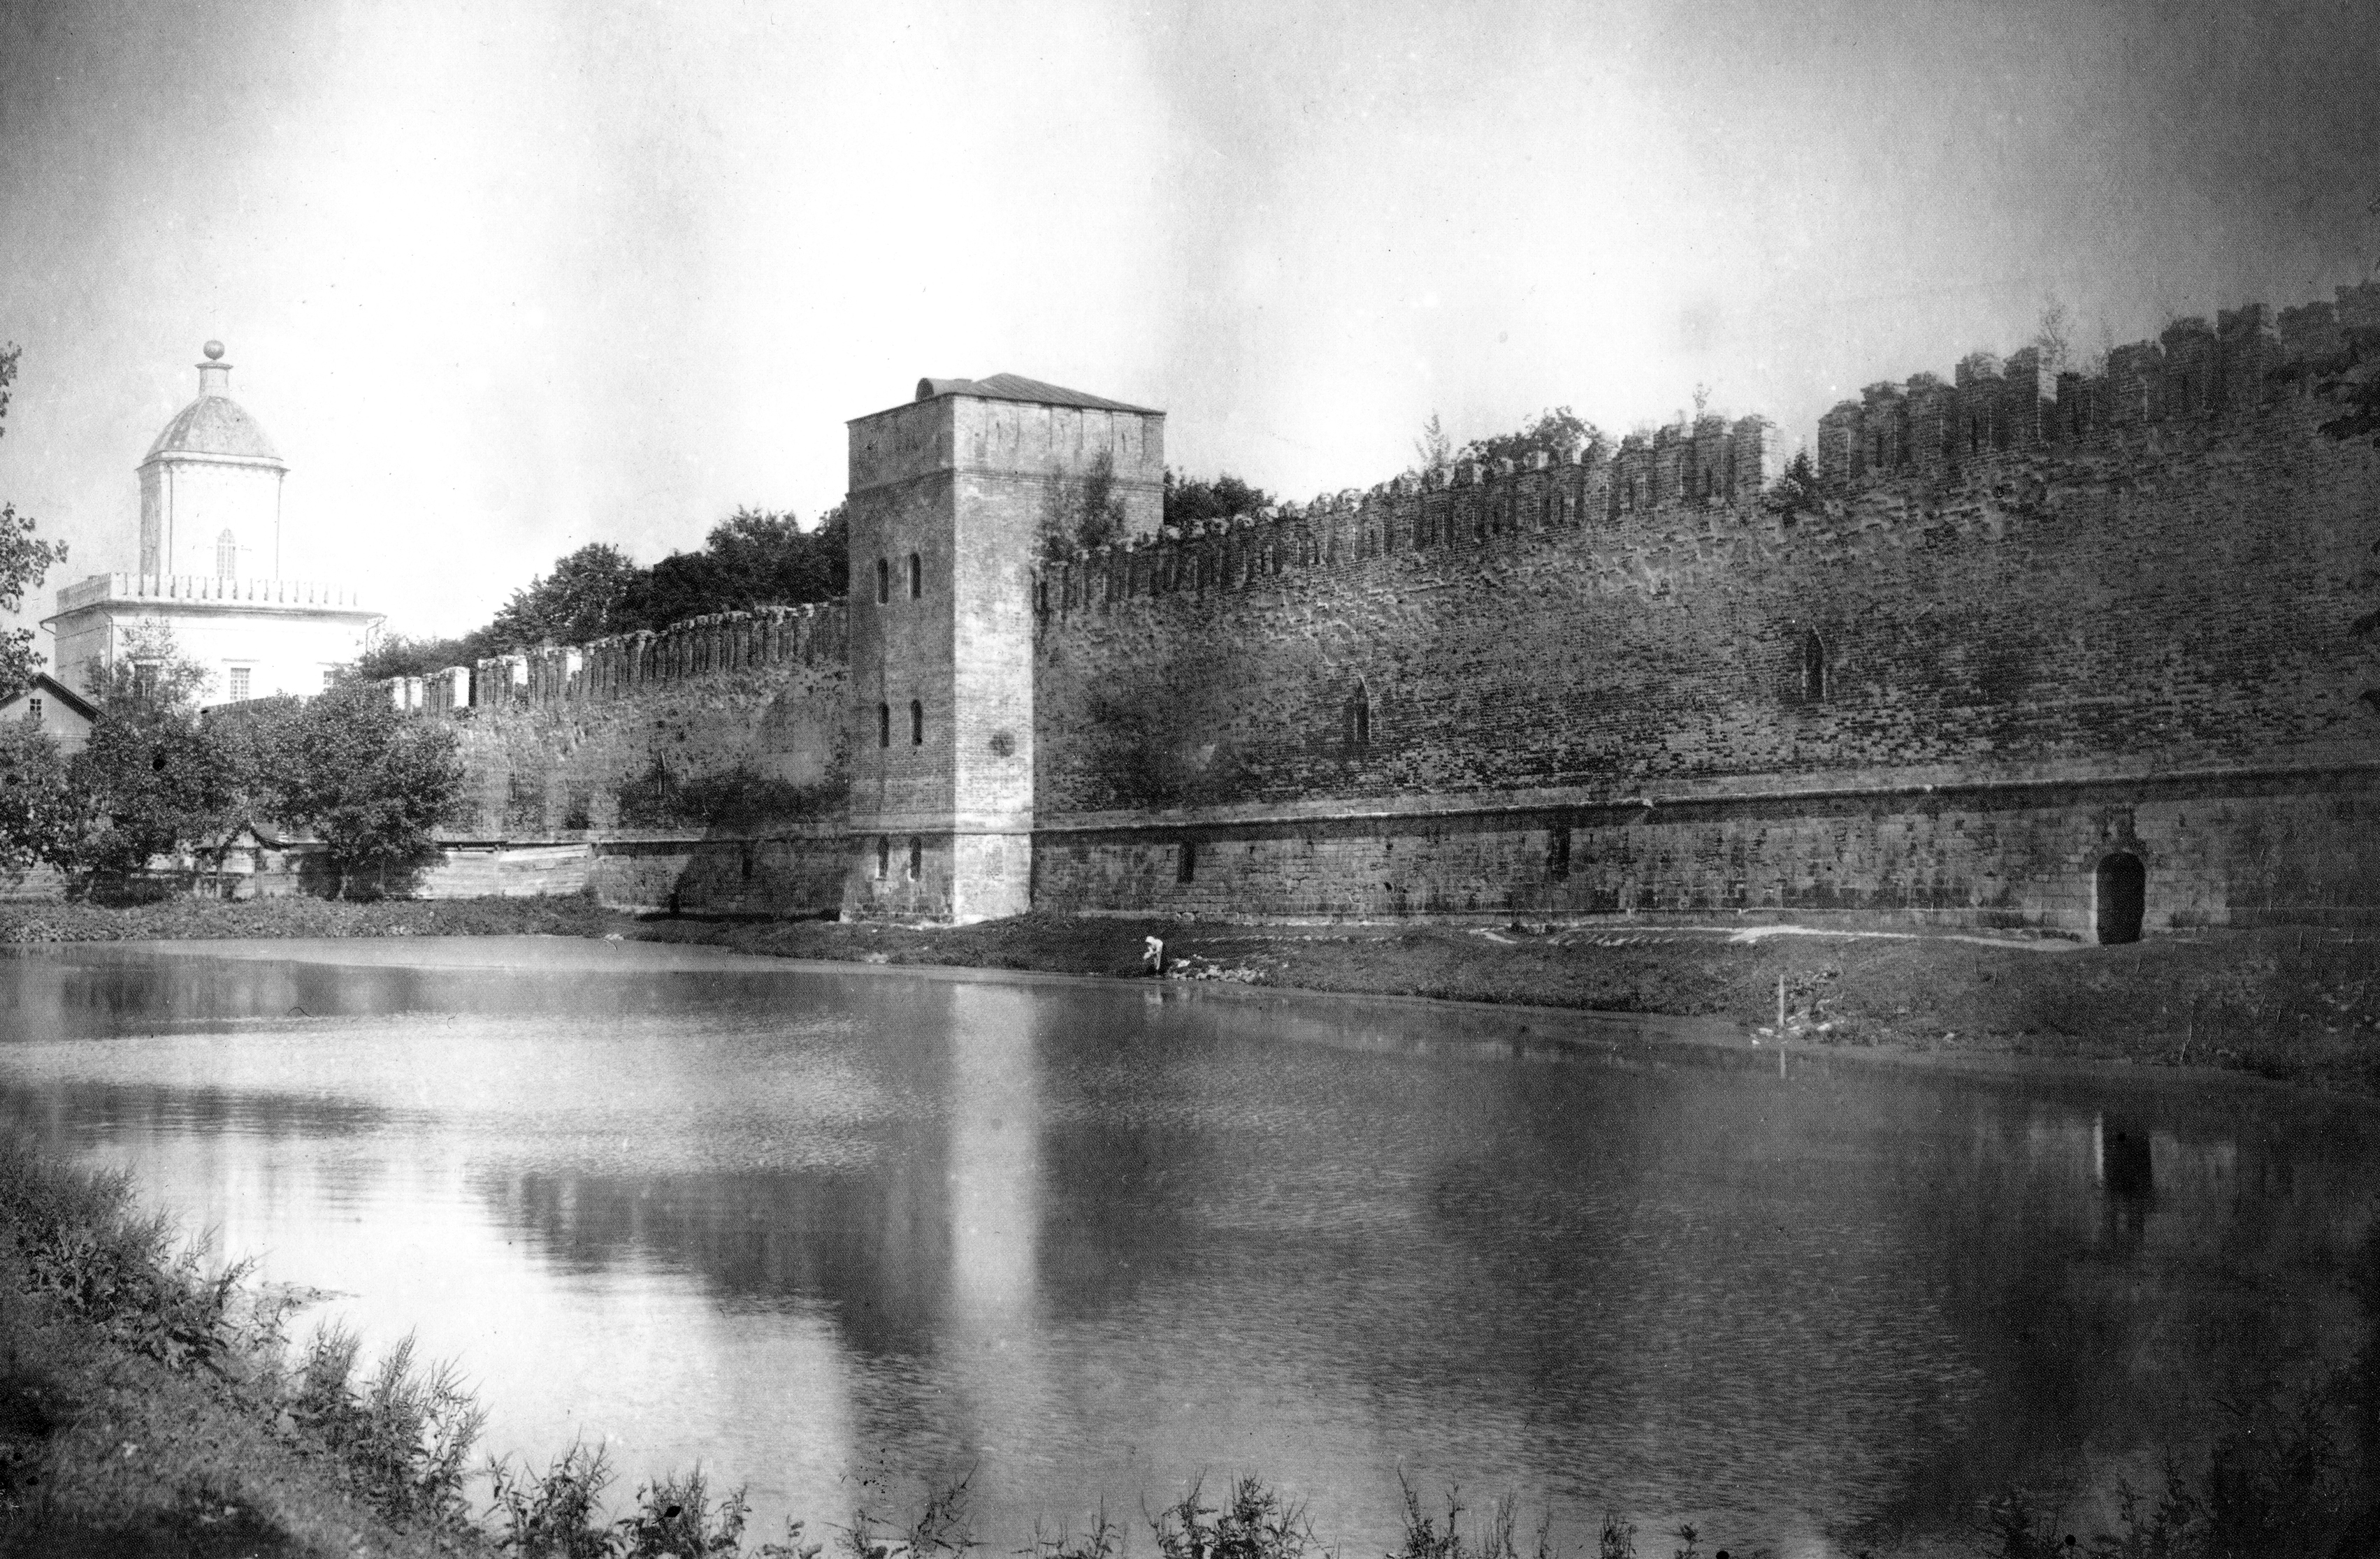 Молоховские ворота, Моховая башня и пруд